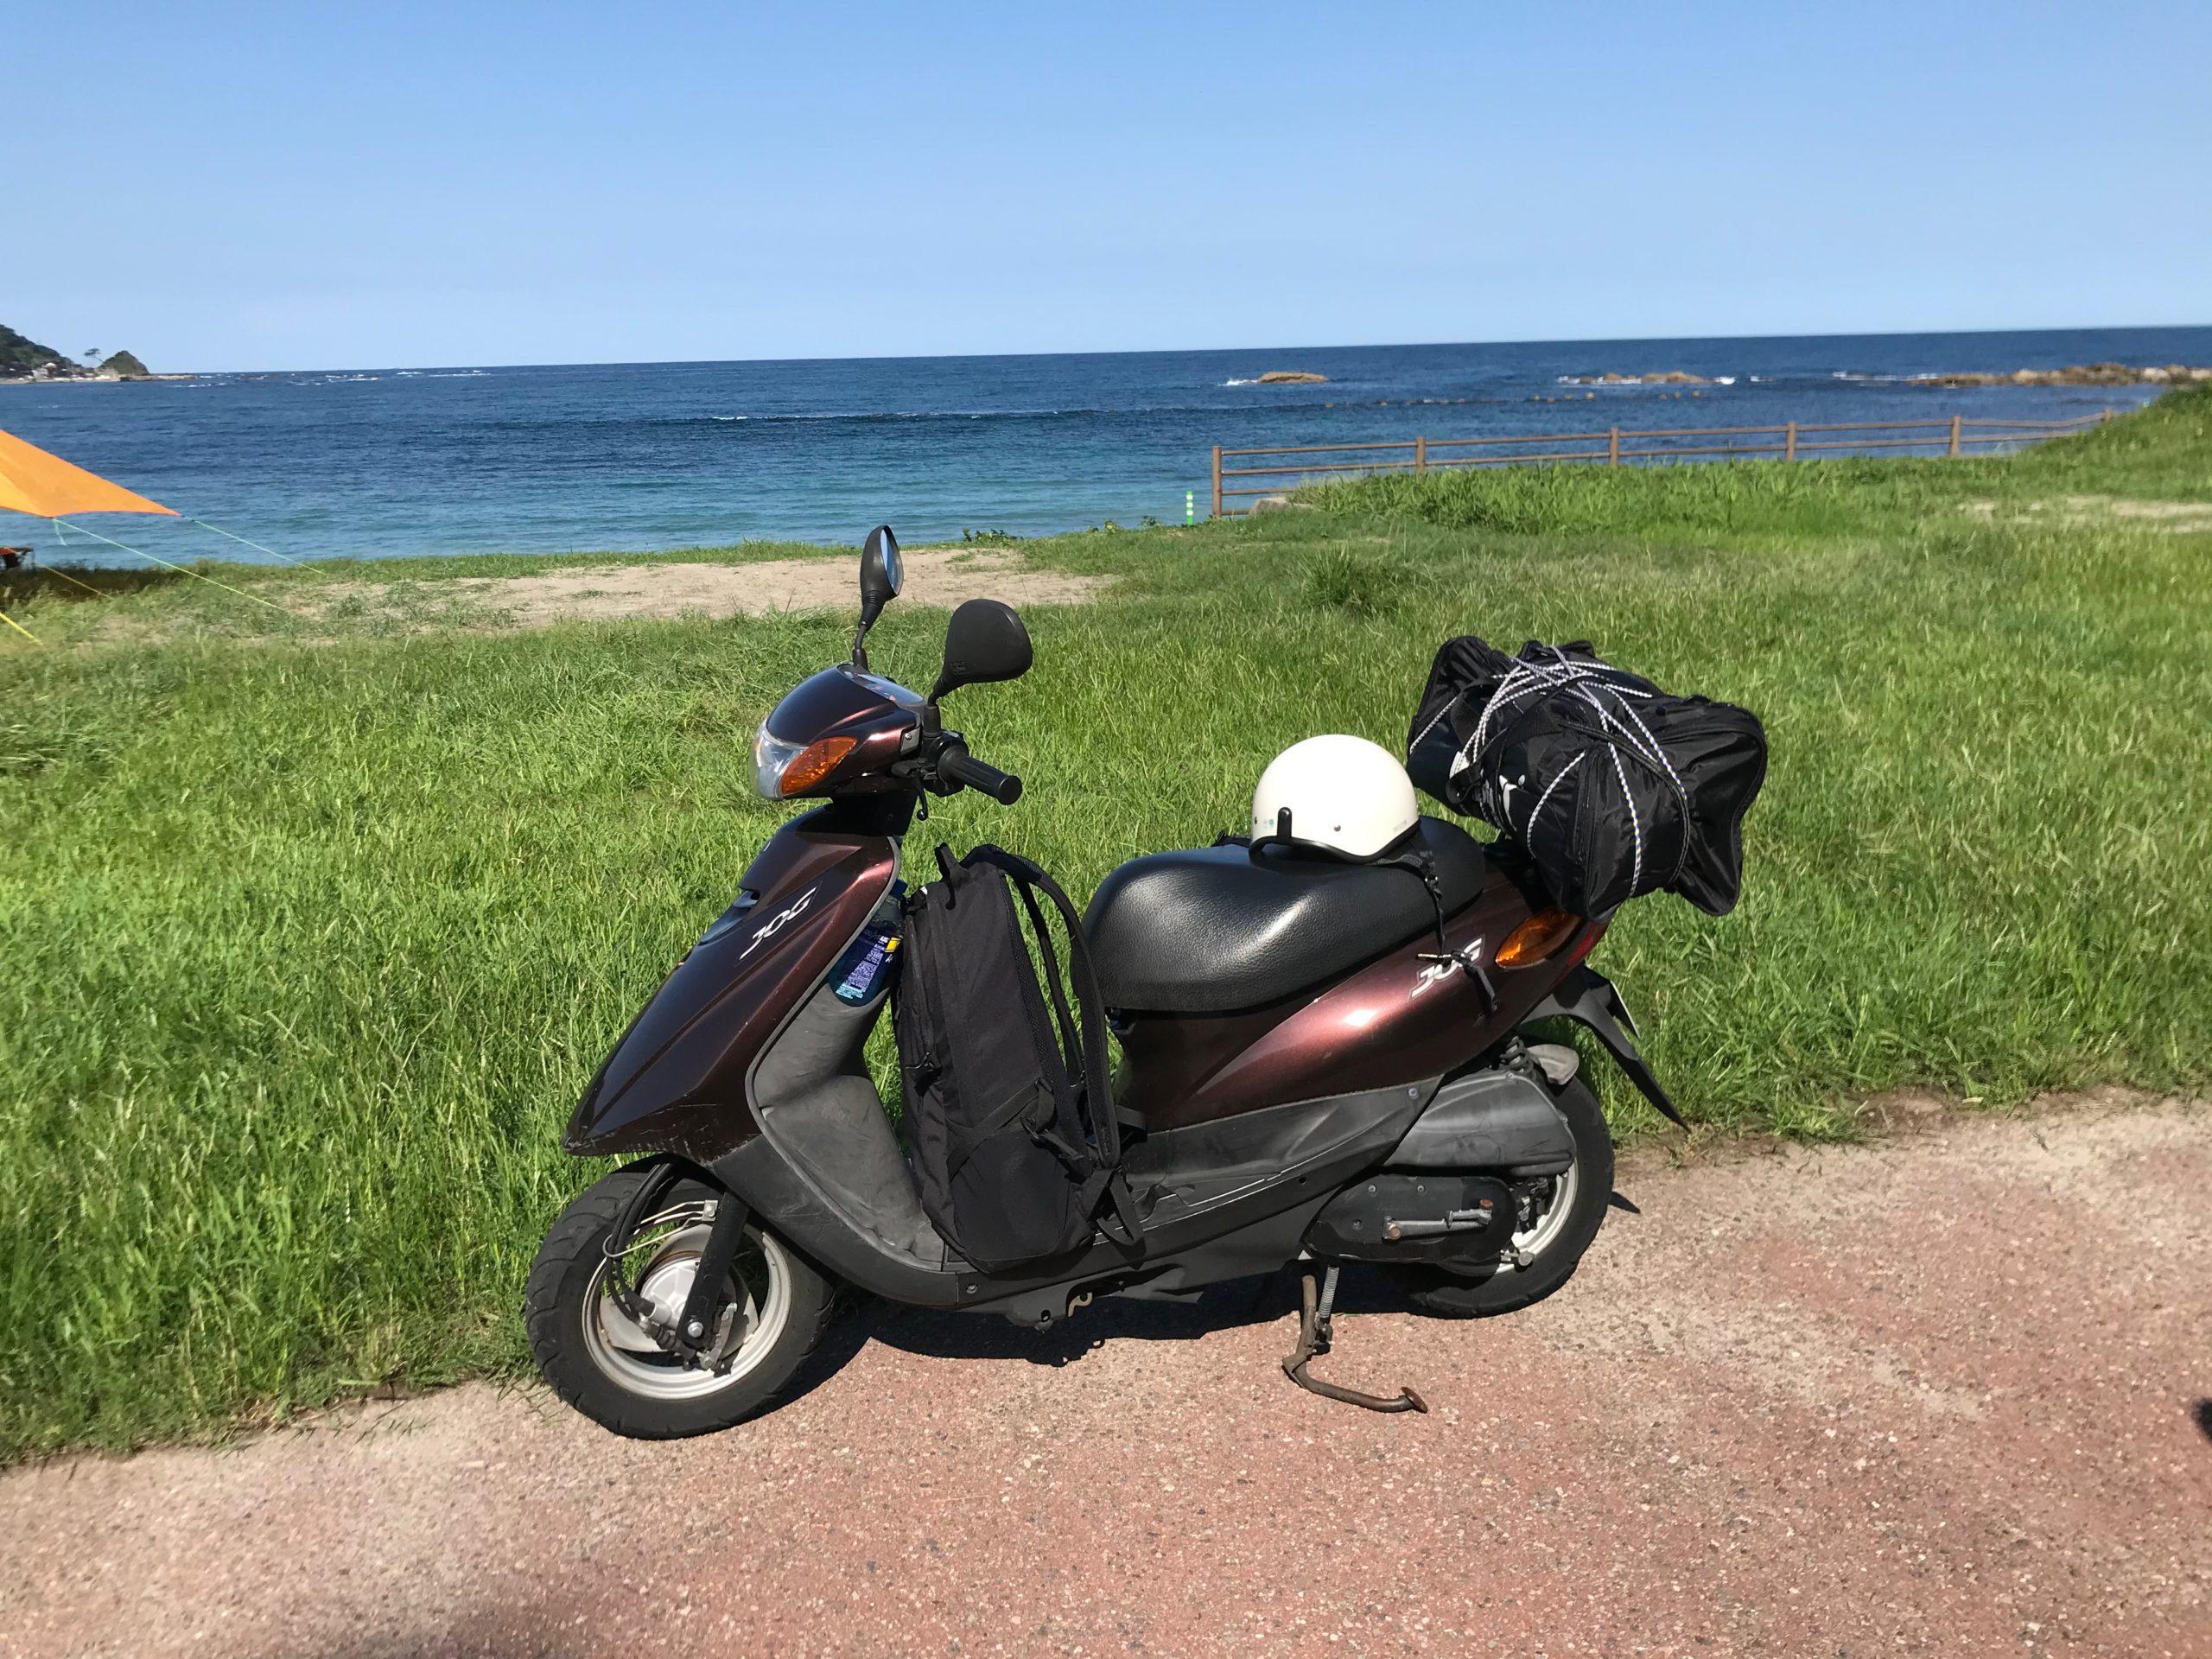 【見どころを徹底解説】バイクで能登半島一周ツーリング